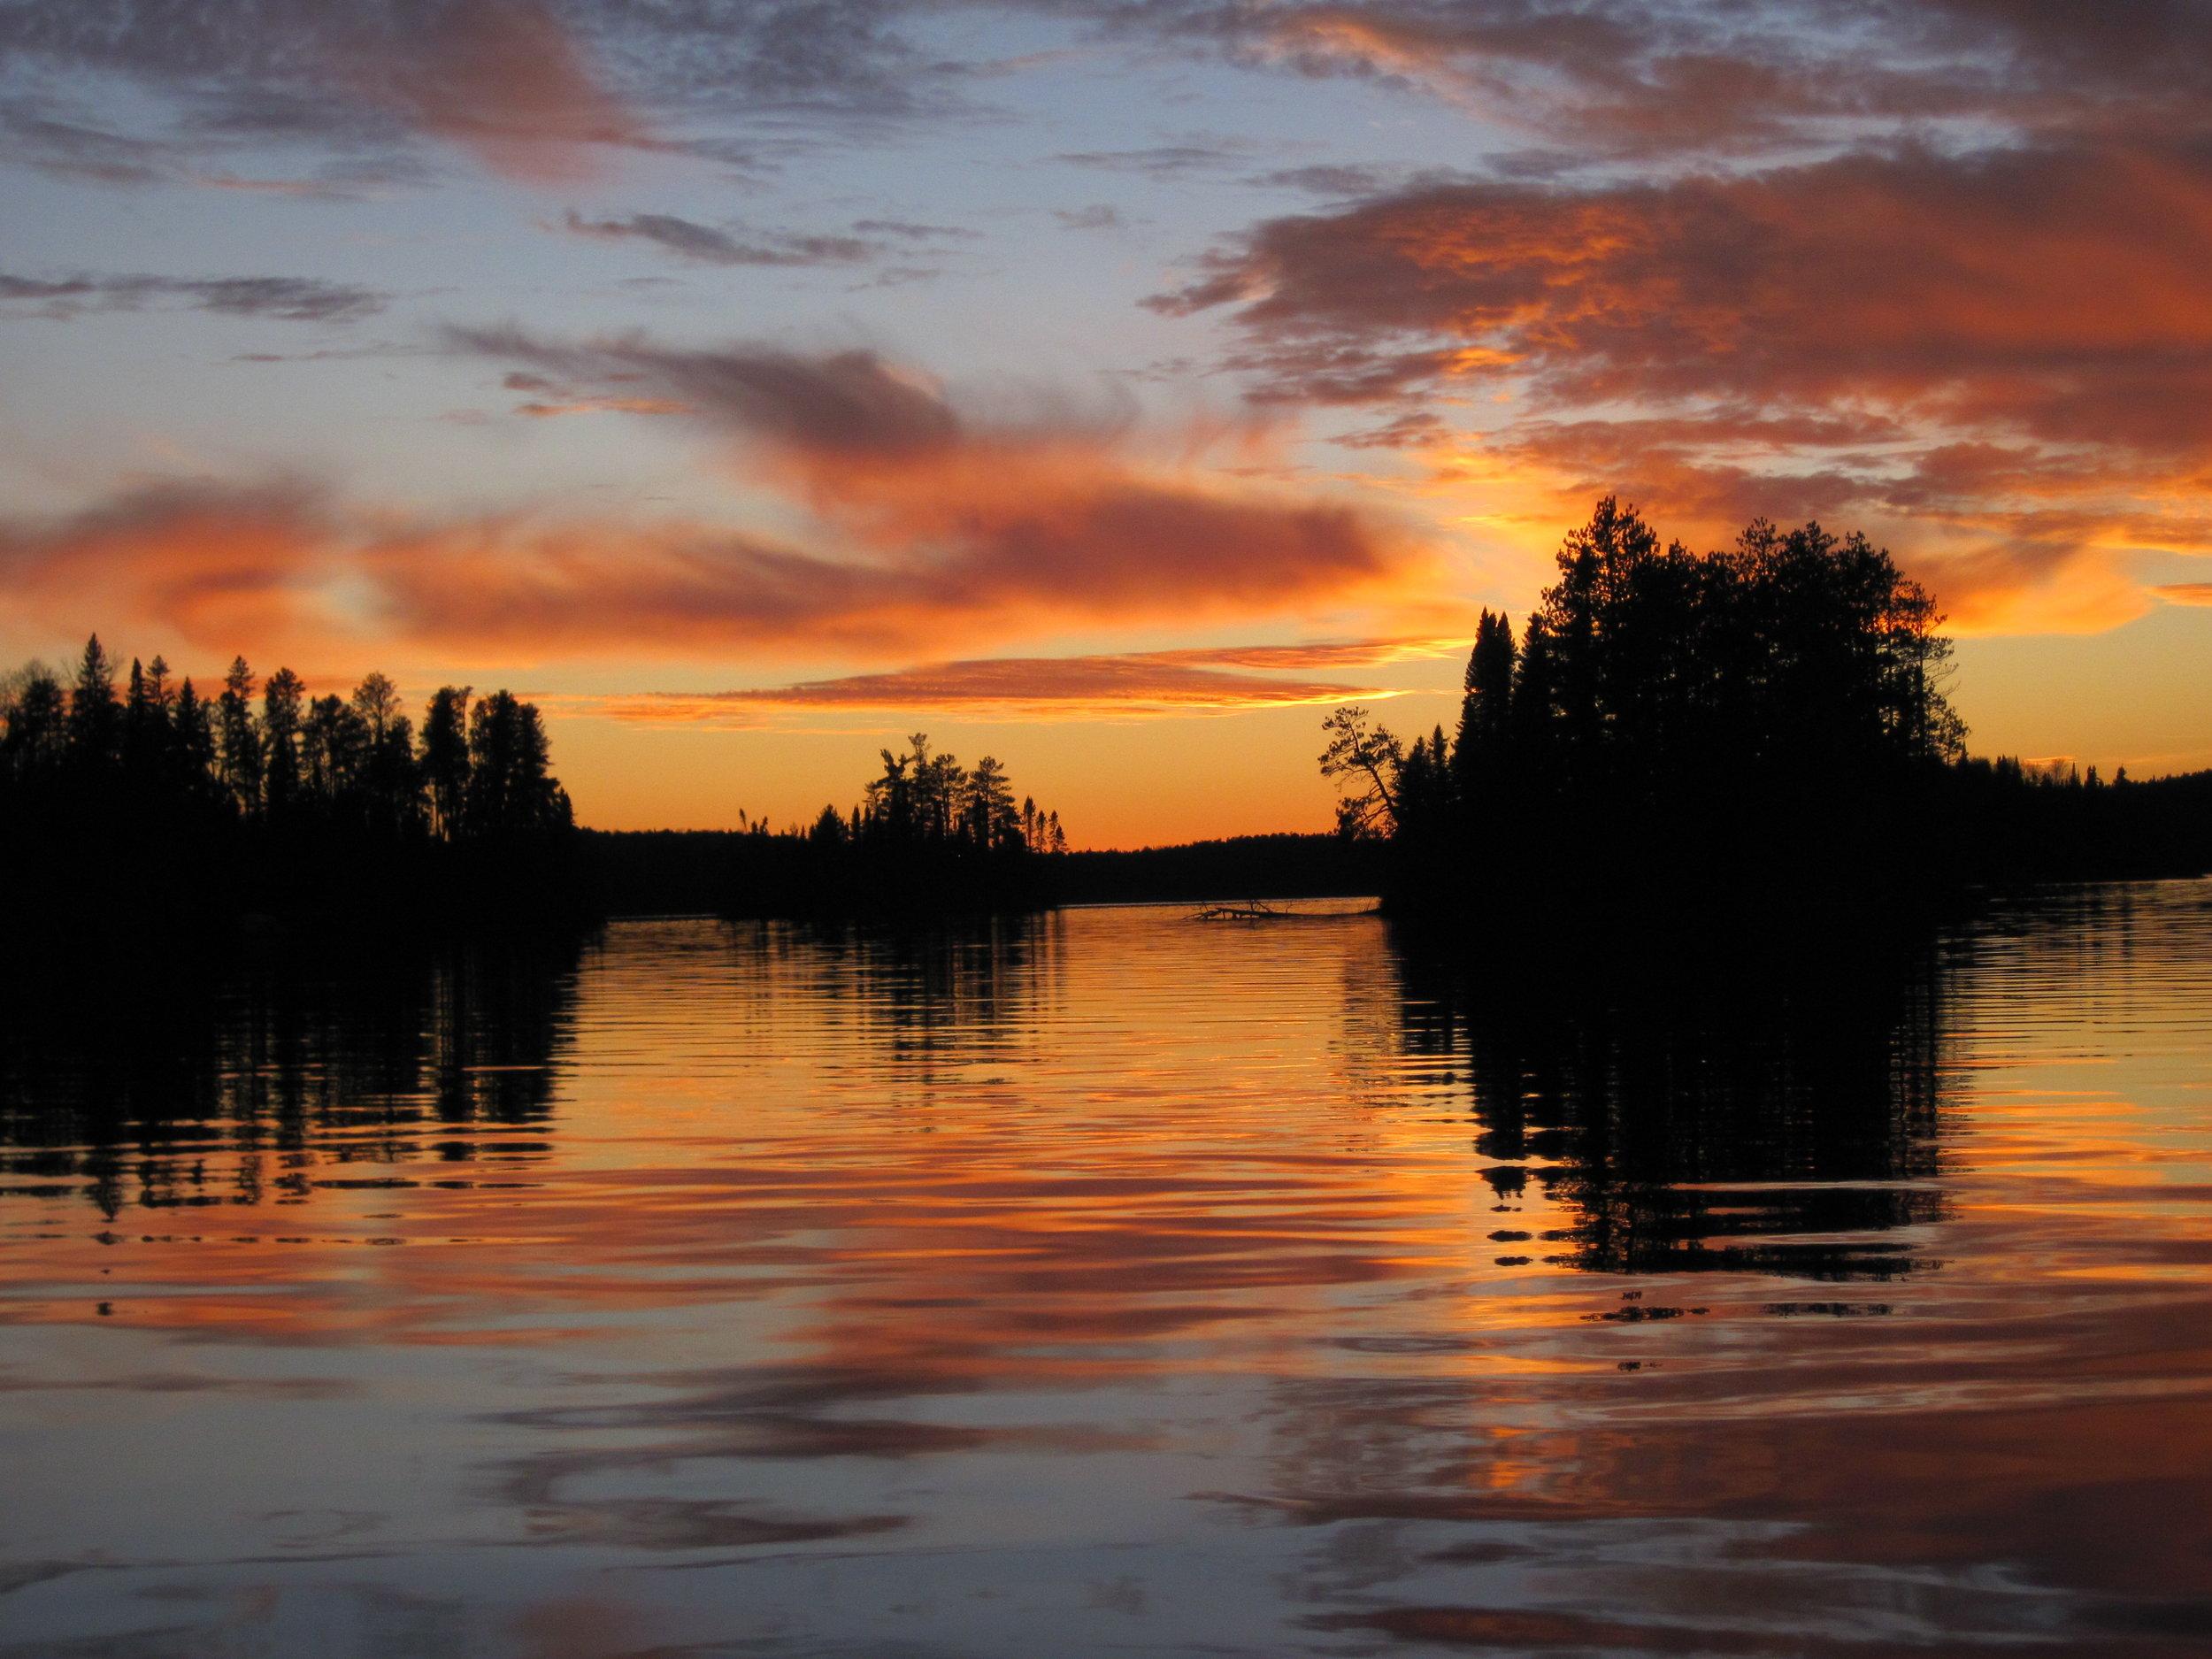 Lake_sunset_orange_clouds.JPG